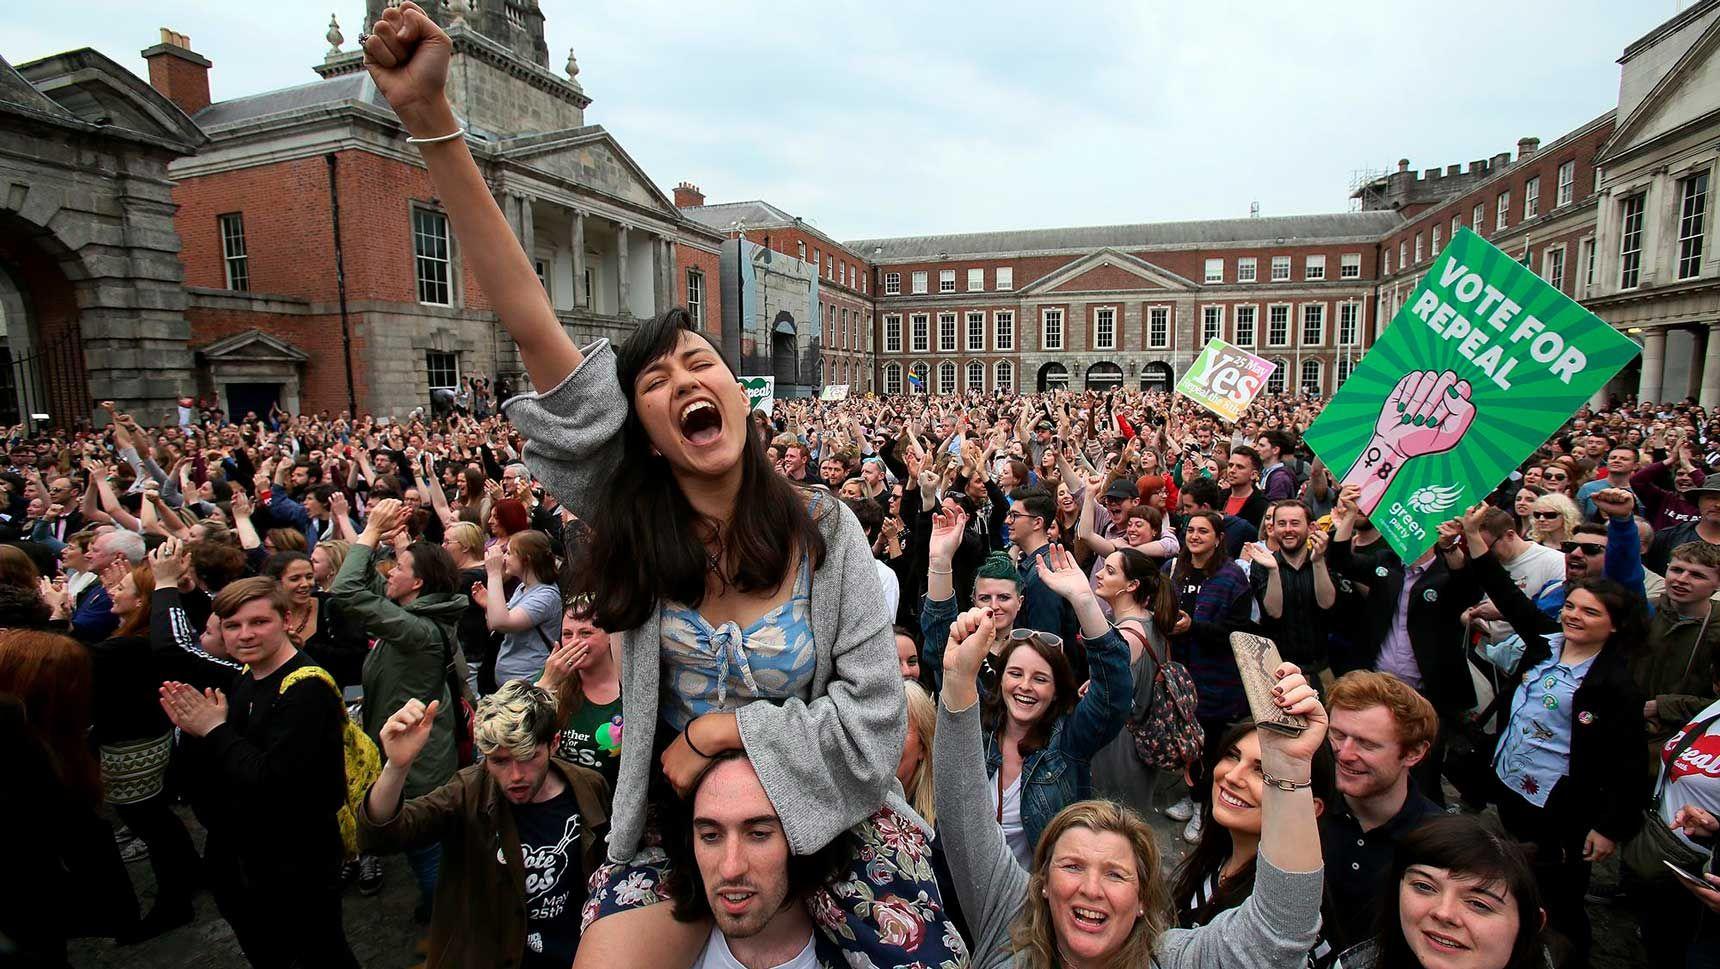 Festejos en Dublin tras el sí al aborto  en Irlanda (Foto AFP)